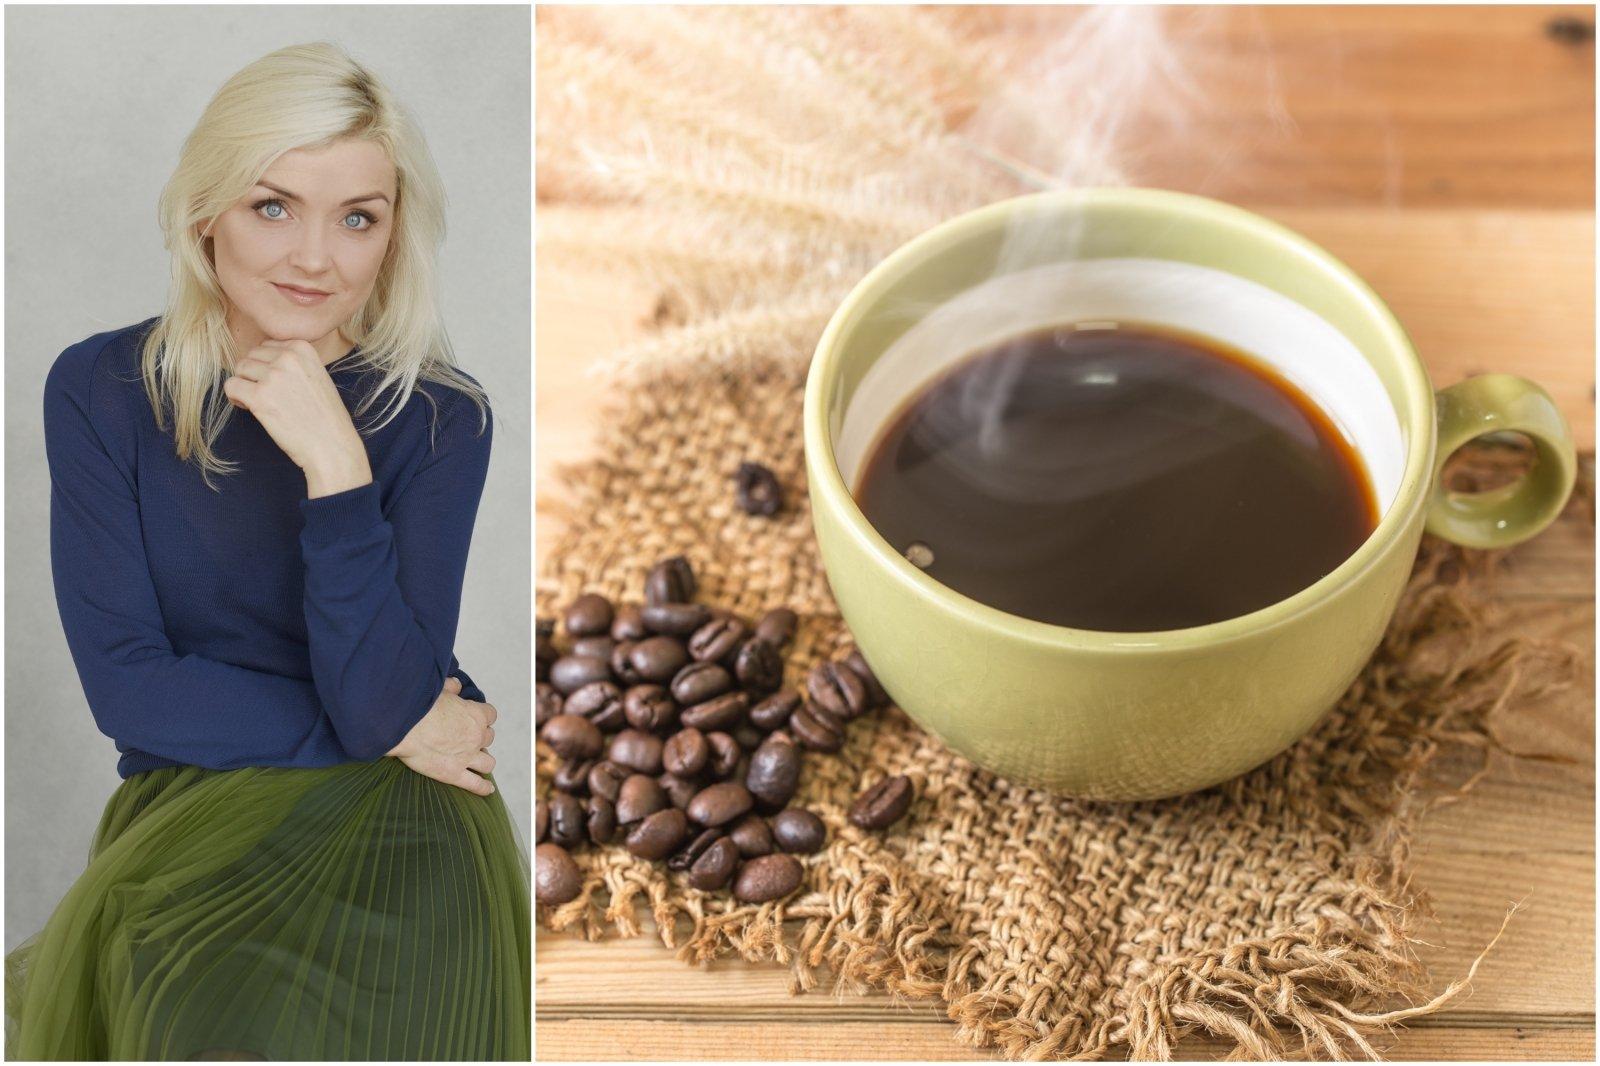 prekybos kava strategija dienoraštis apie dvejetainius variantus